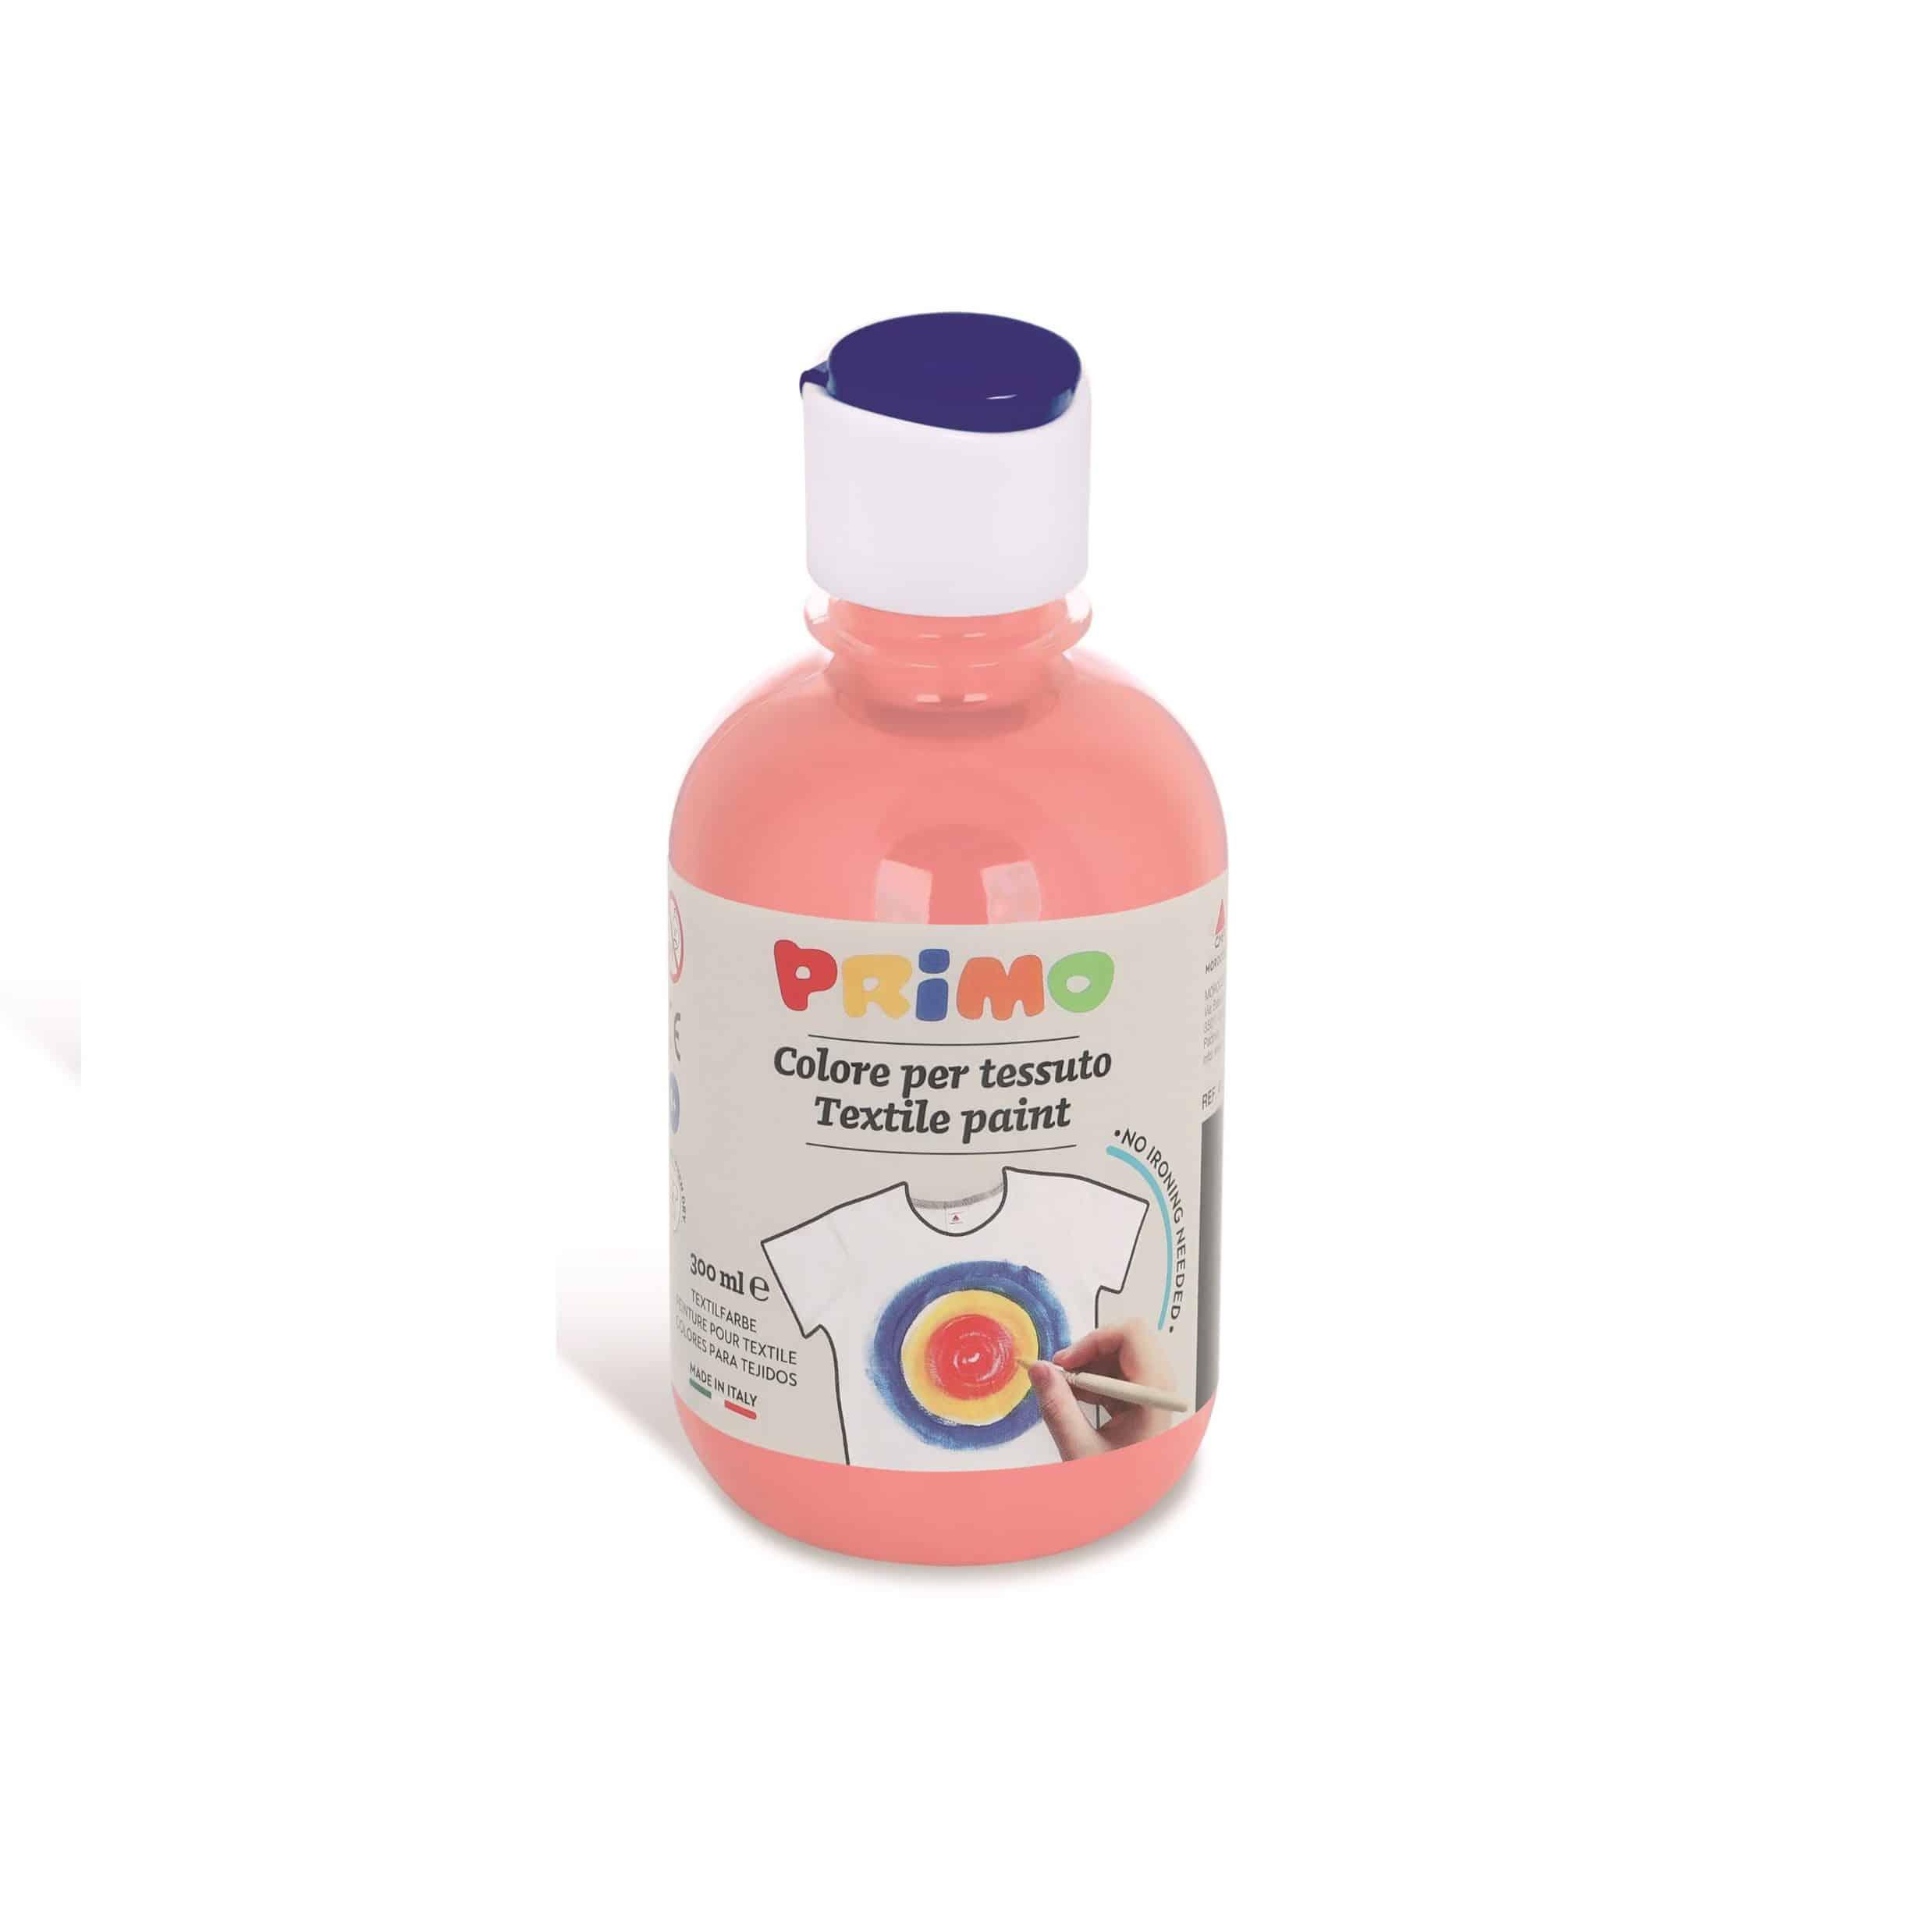 Barva na textil PRIMO 300ml, růžová (č. barvy 330)